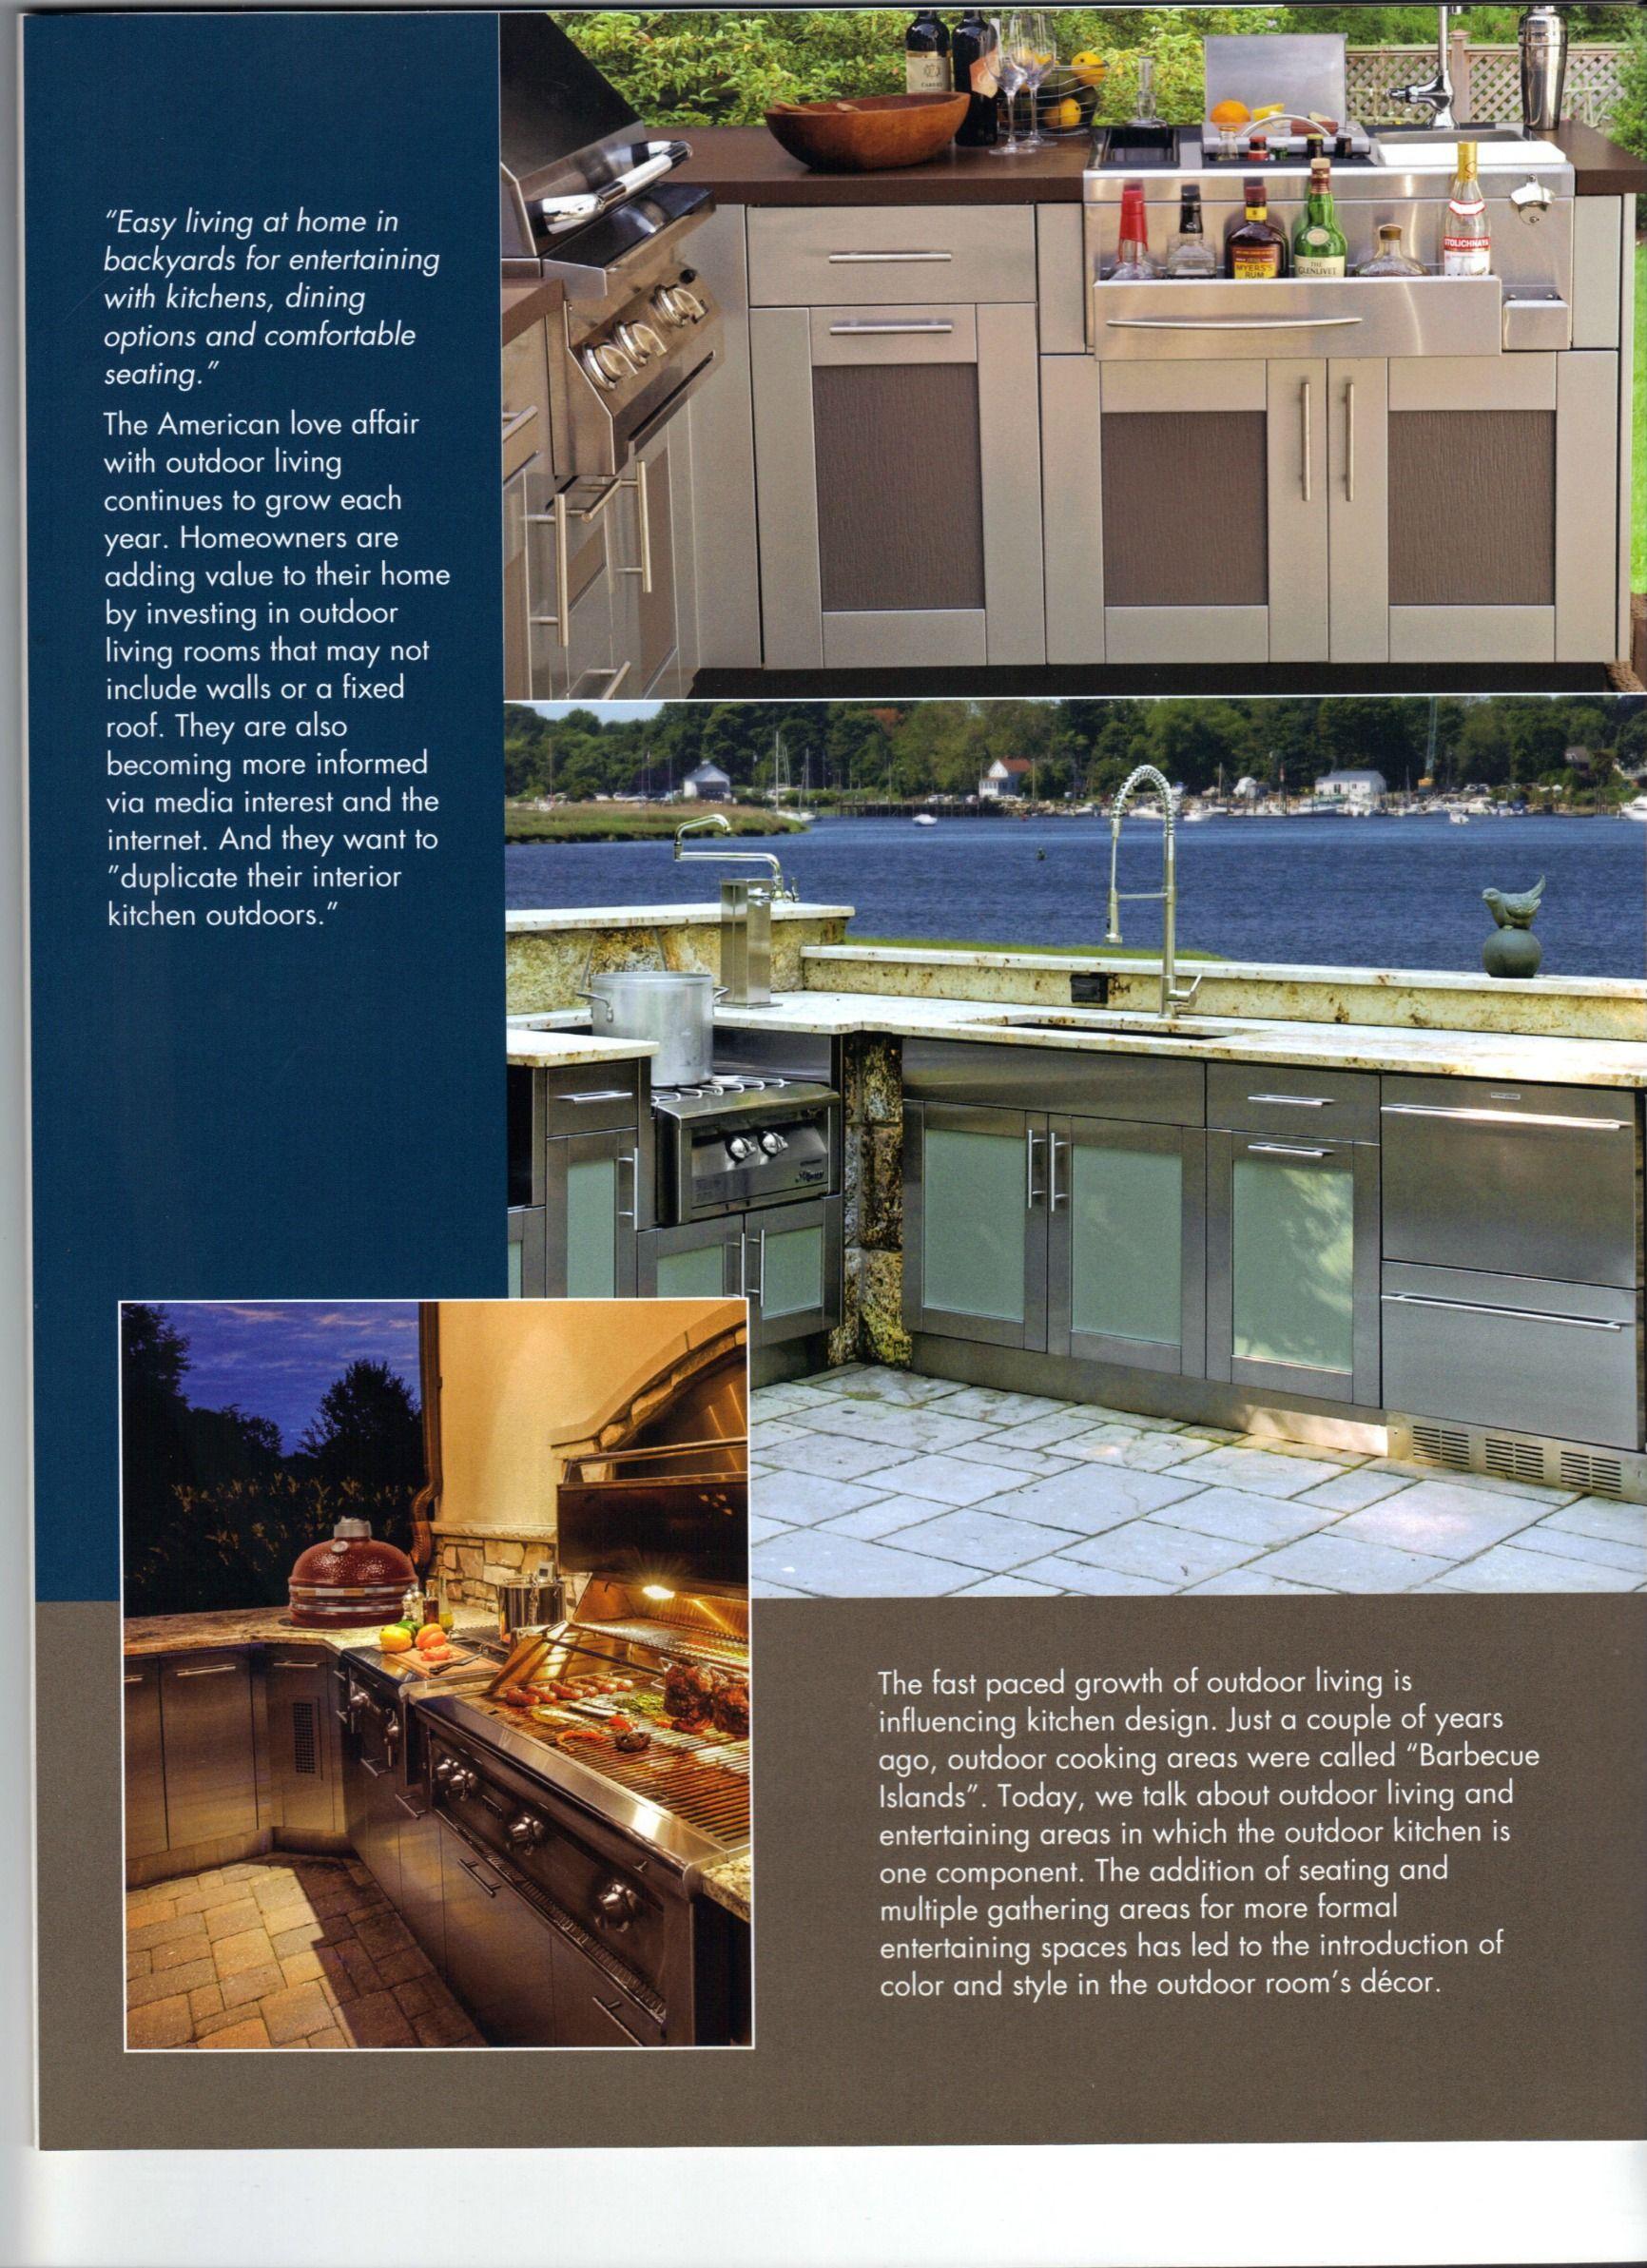 Best Brown Jordan Outdoor Kitchens By Danver Outdoor Living 640 x 480